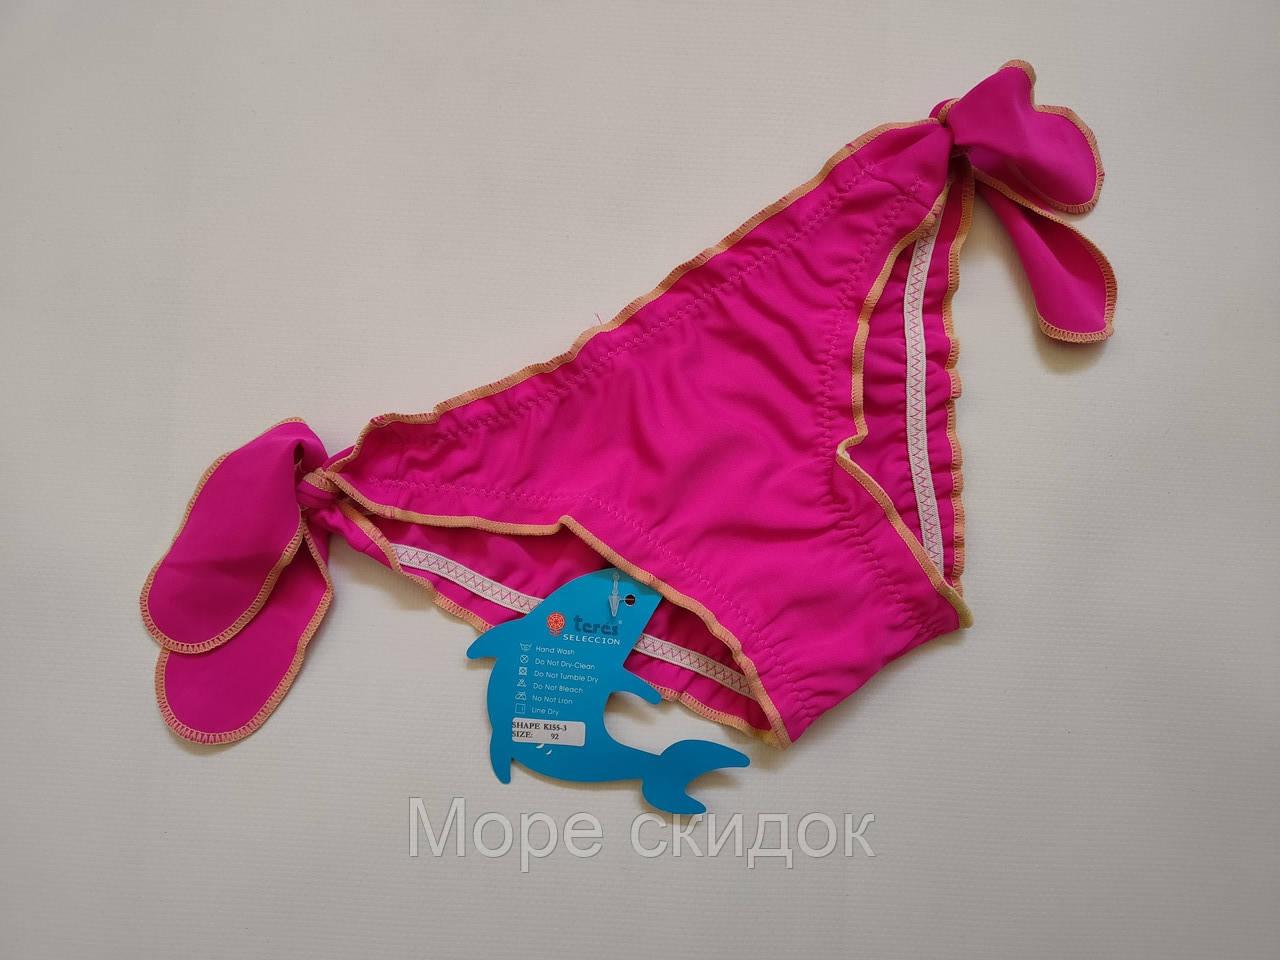 Плавки TERES для девочек Кристинка  155-3 фуксия (В НАЛИЧИИ ТОЛЬКО  28 30 32 размеры)